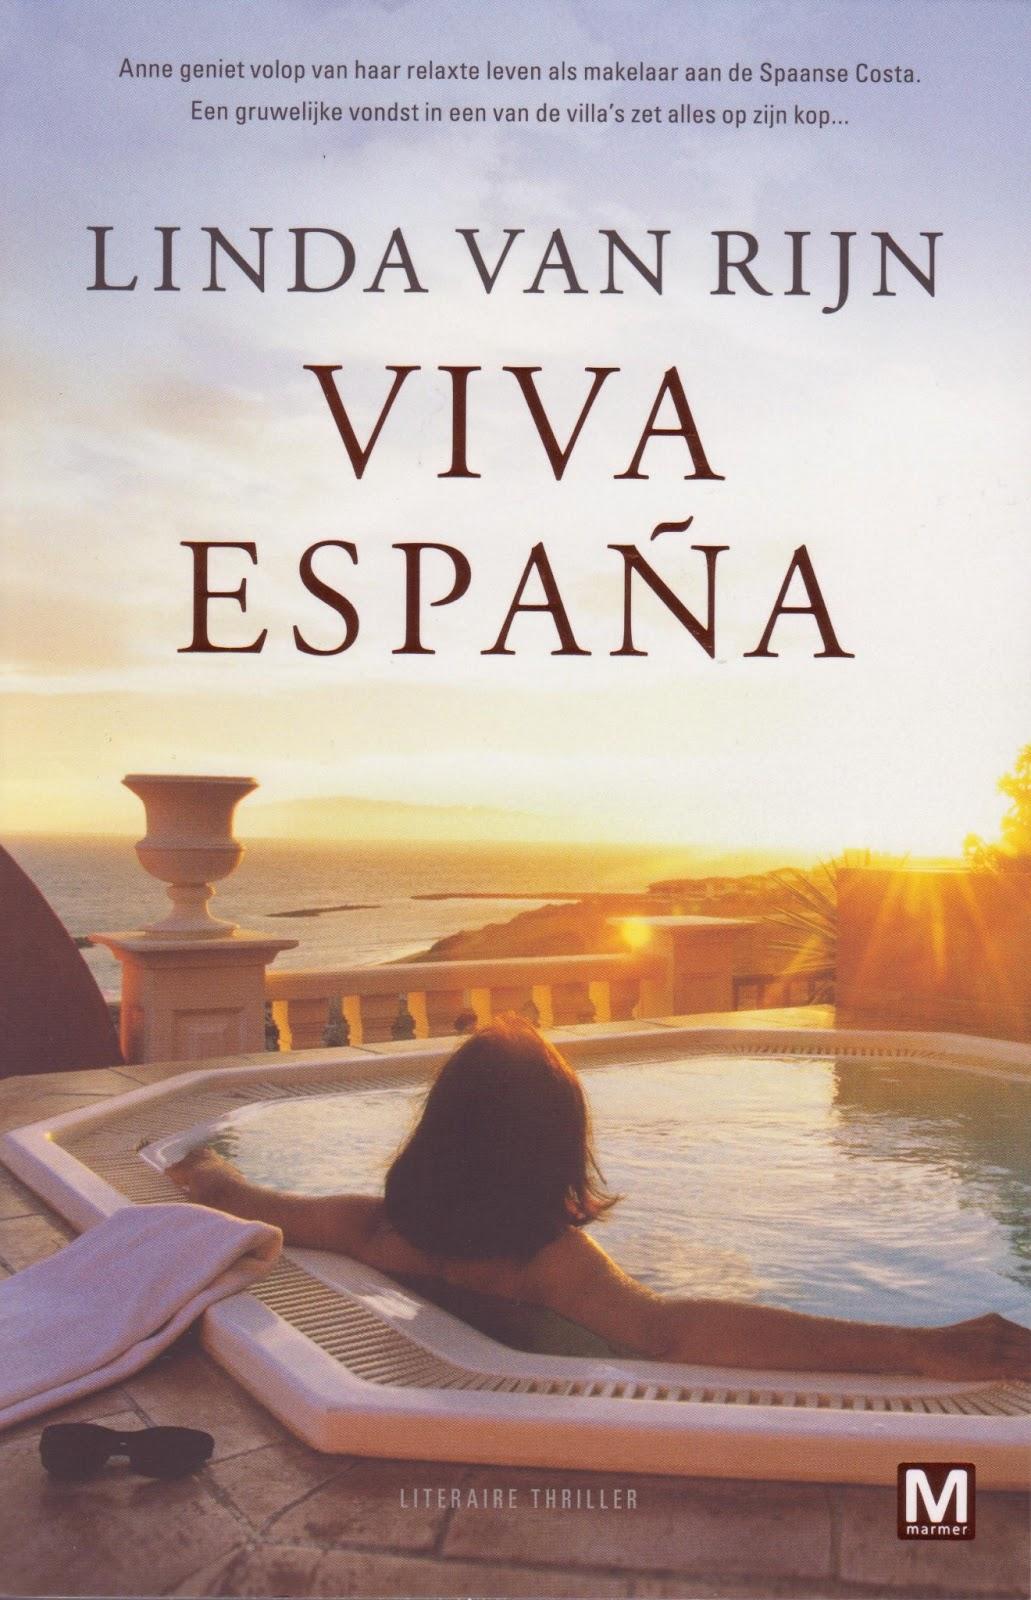 Viva España – Linda van Rijn